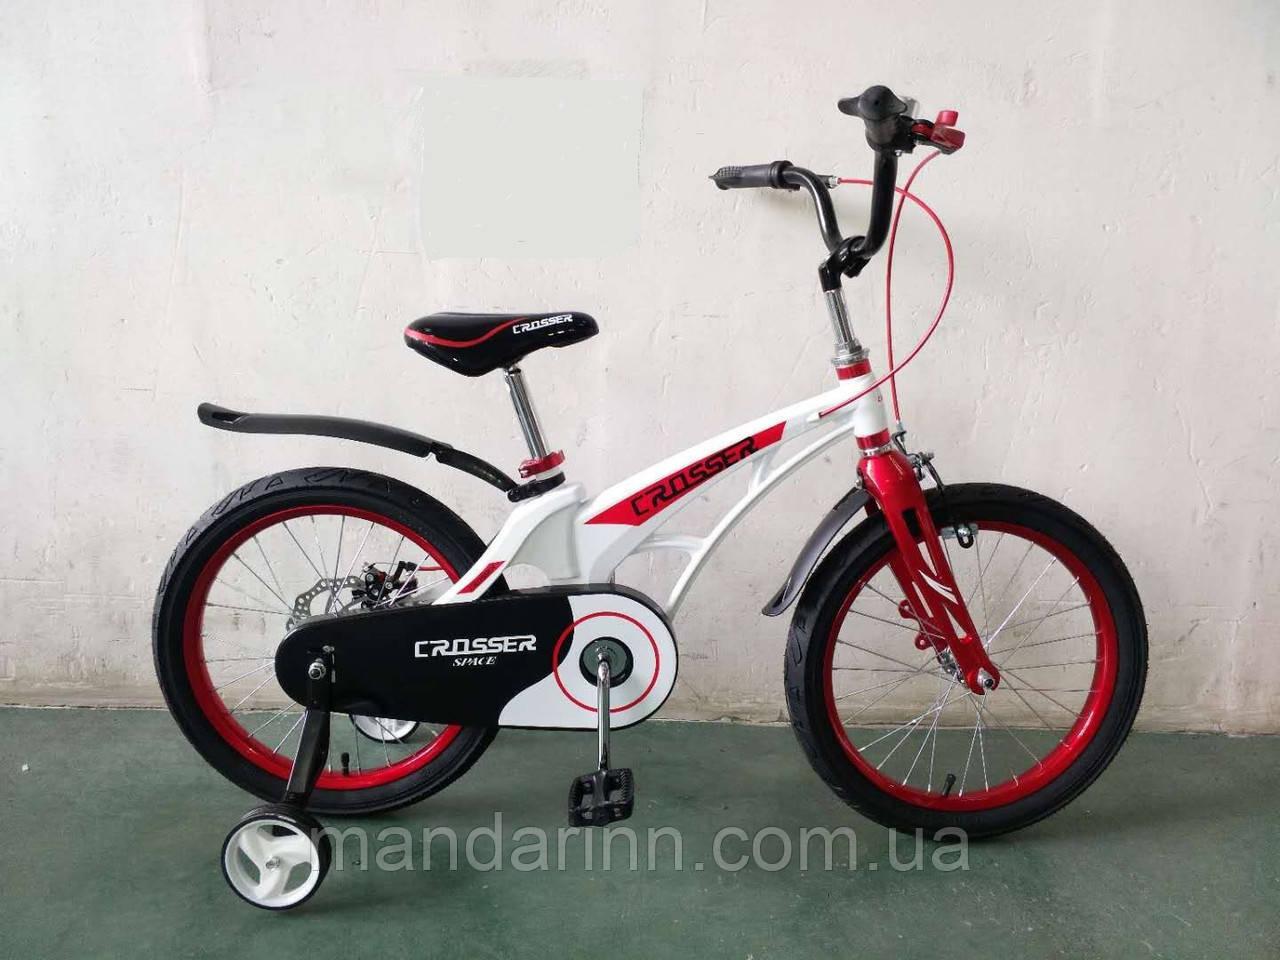 """Детский Велосипед """"Crosser-18"""" Белый. Суперлегкий."""